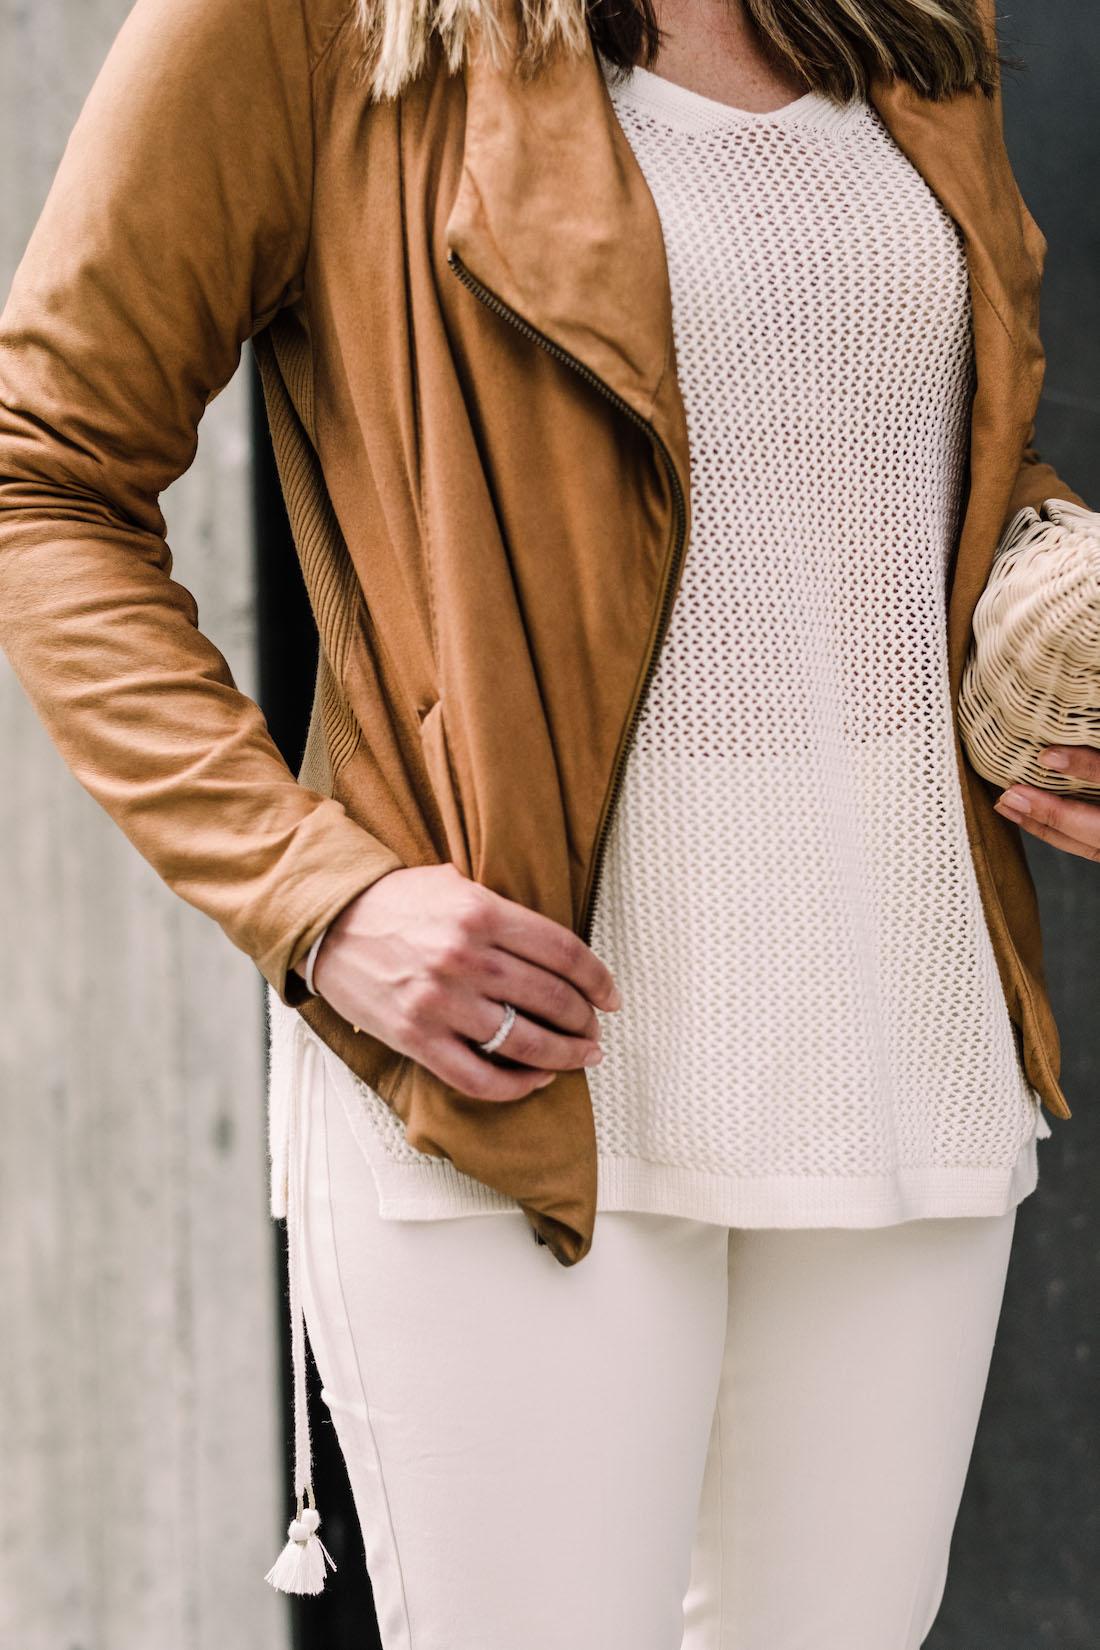 The Stripe - Talbots Sweater // Vince Leather Jacket // Talbots Pants // Wicker Clutch // Manolo Blahnik Pumps